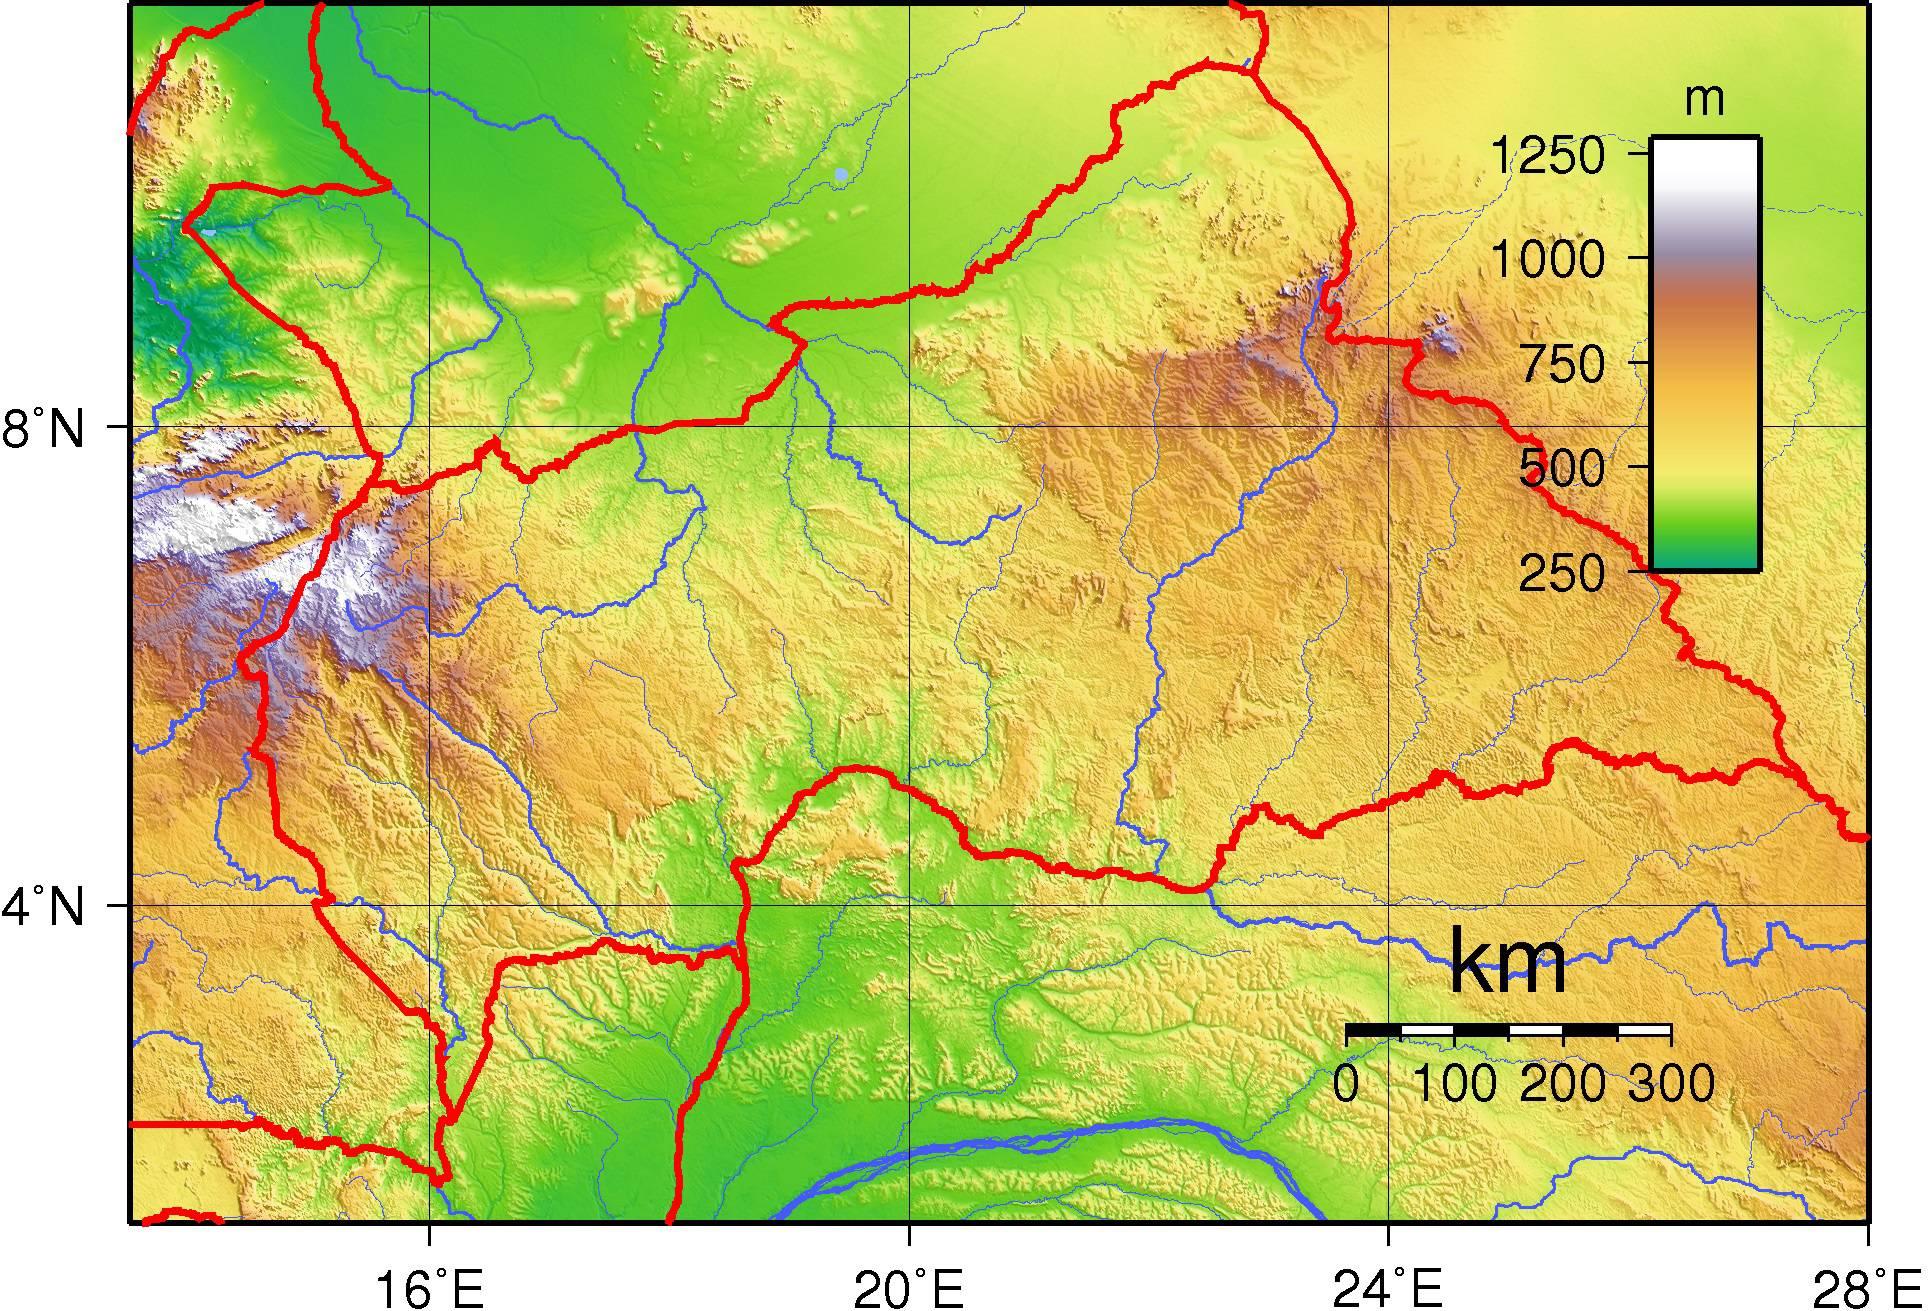 Carte du relief de la Centrafrique